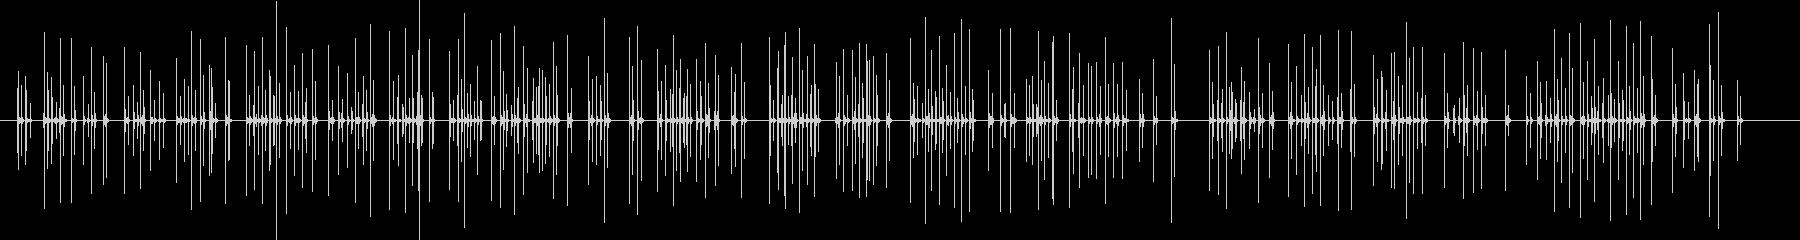 パソコンのキーボードを打つ音 41秒の未再生の波形